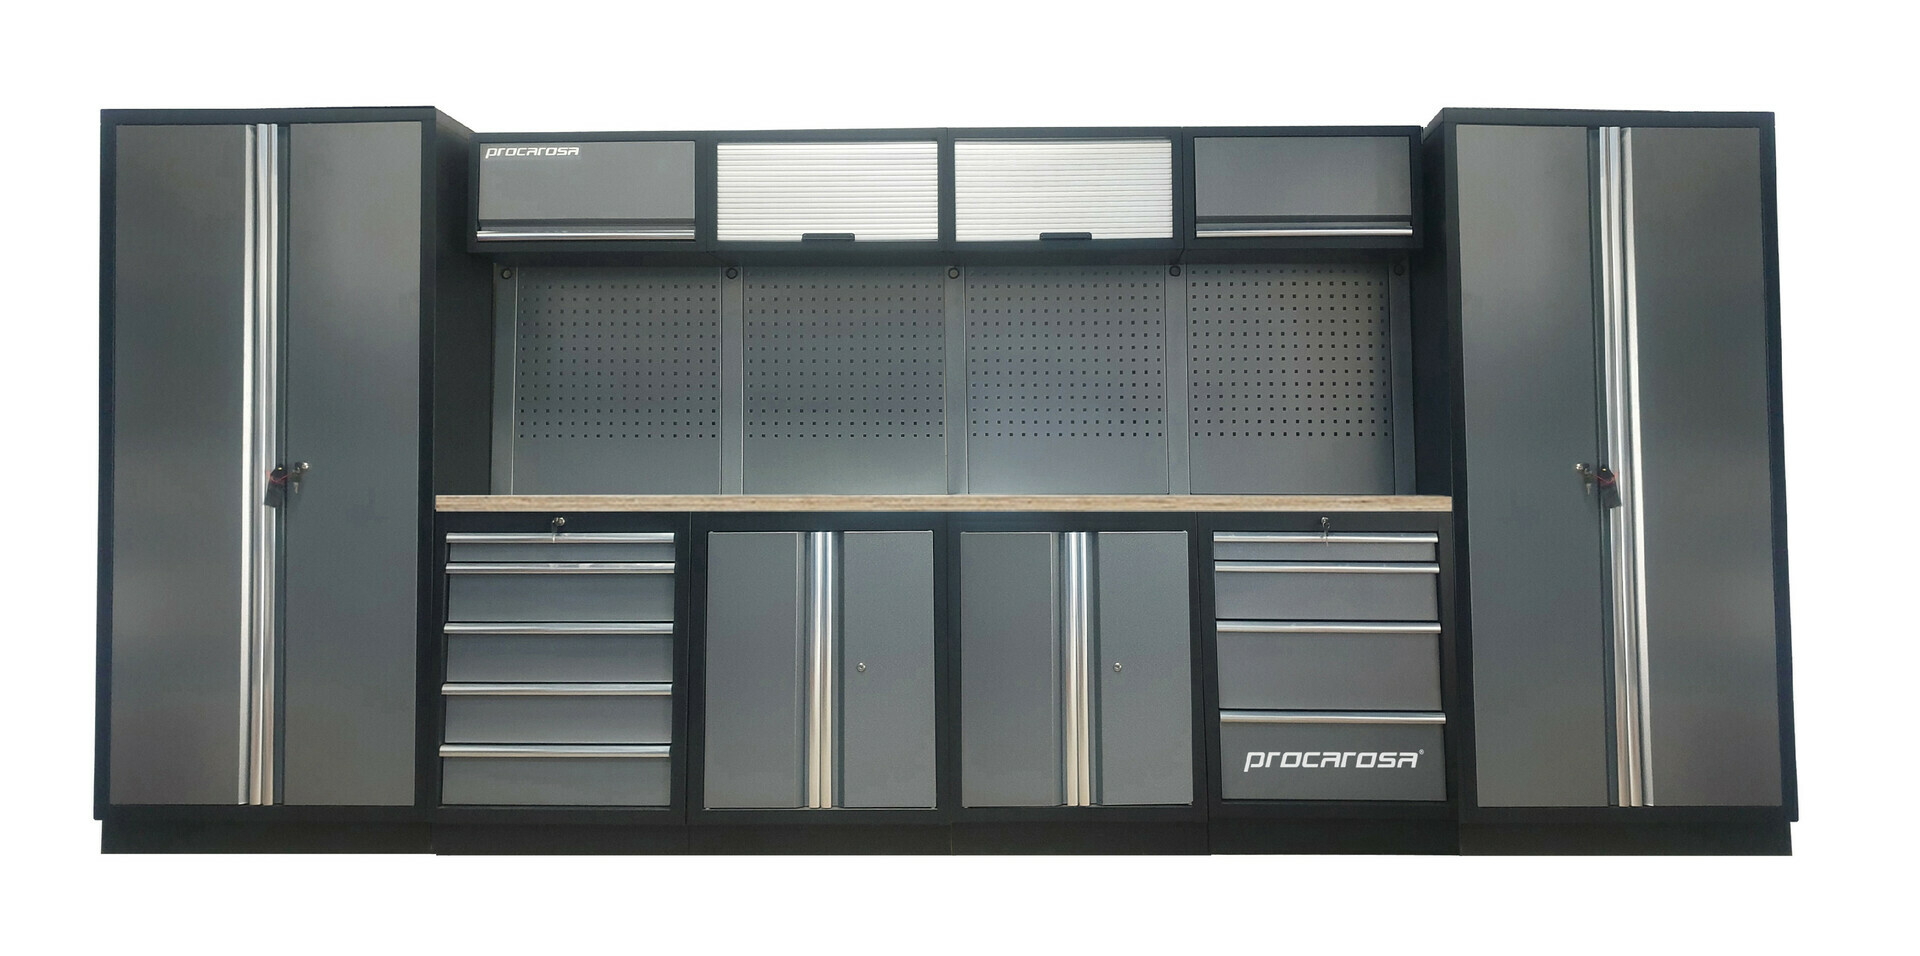 Sestava dílenského nábytku Procarosa PROFESSIONAL XXL-2 Pracovní deska: dřevěná, Hmotnost: